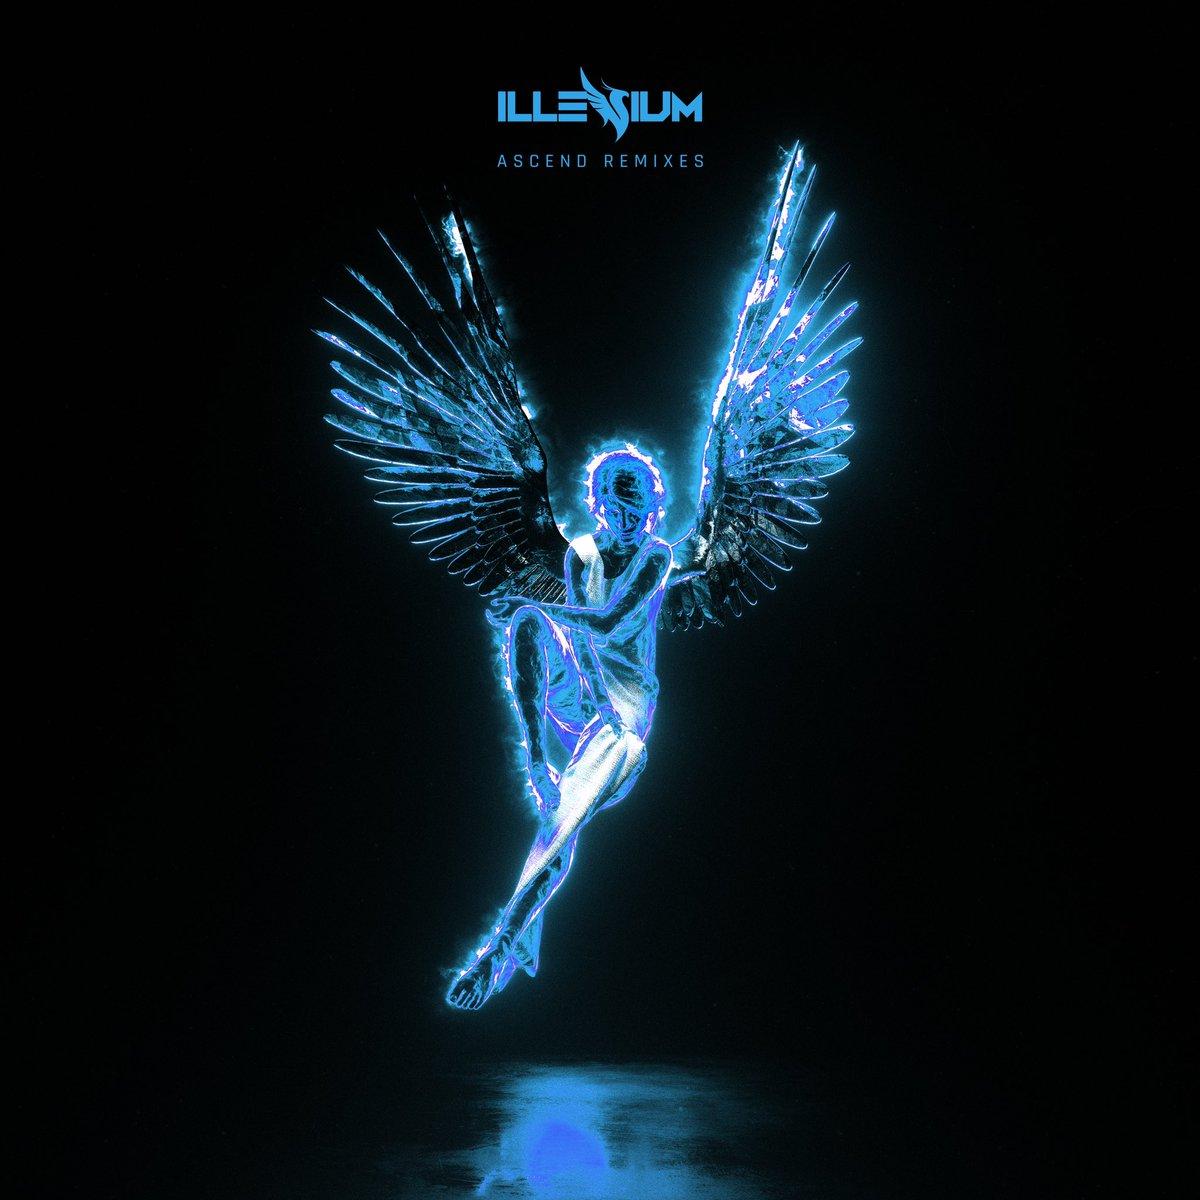 Ascend Remix album out NOW everywhere 🎉🎉 Listen → illenium.lnk.to/ASCENDRMX